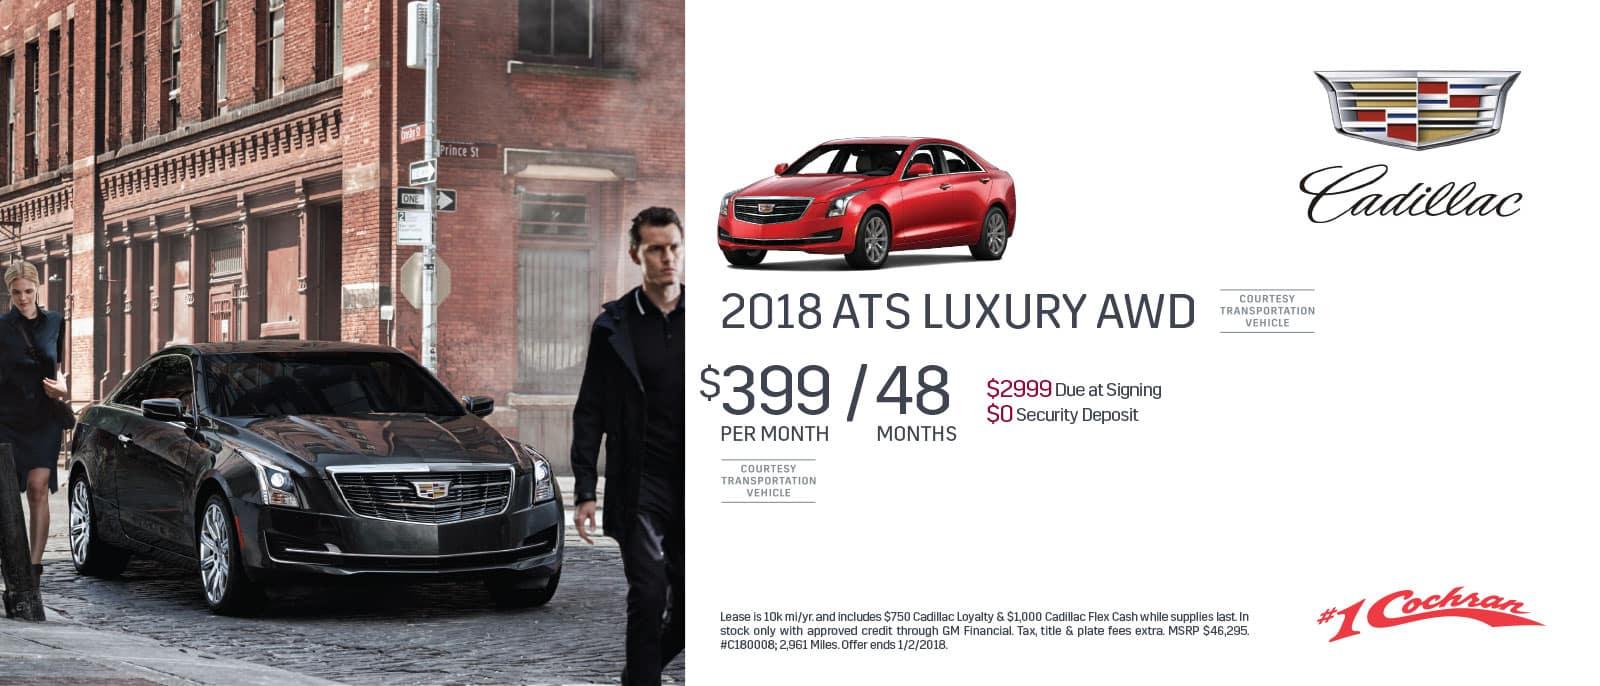 Audi cpo finance specials